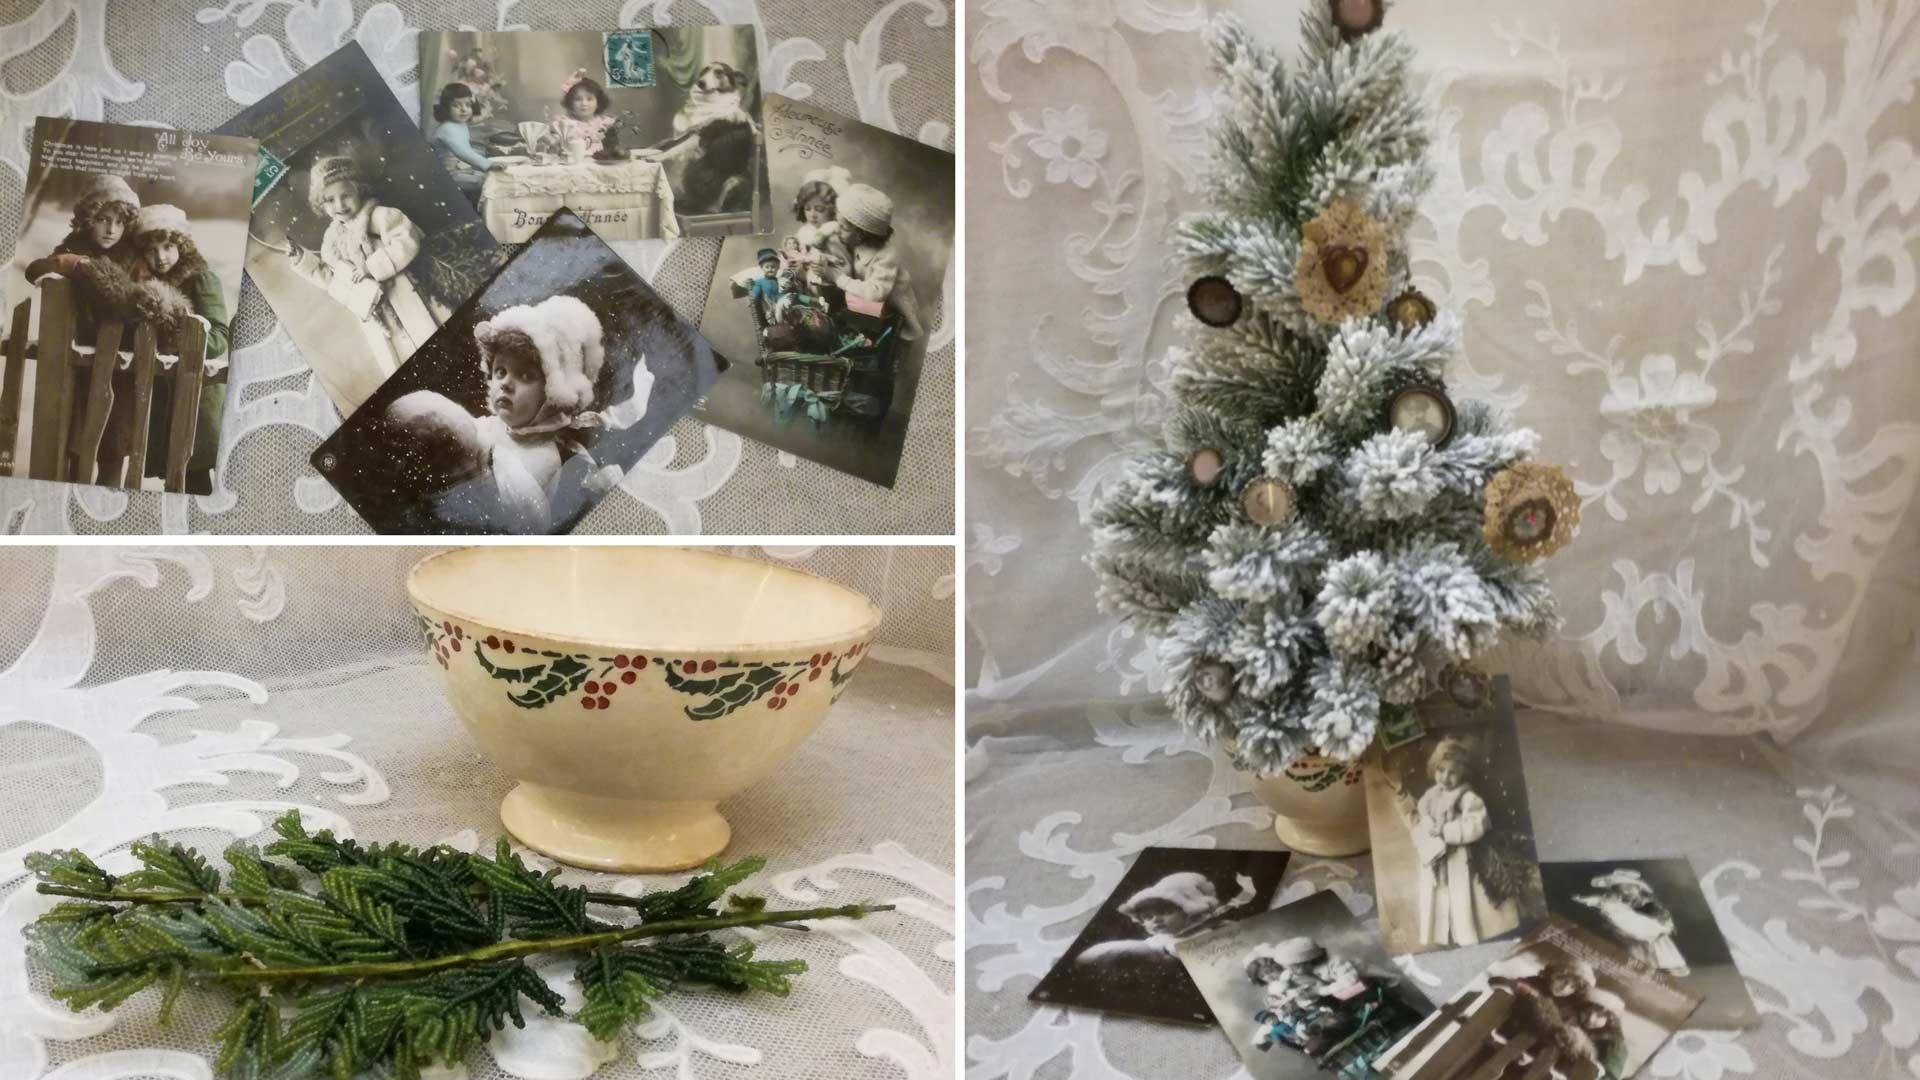 Antiche Immagini Di Natale.Decorazioni Di Natale Antiche L Albero Di Natale In Stile